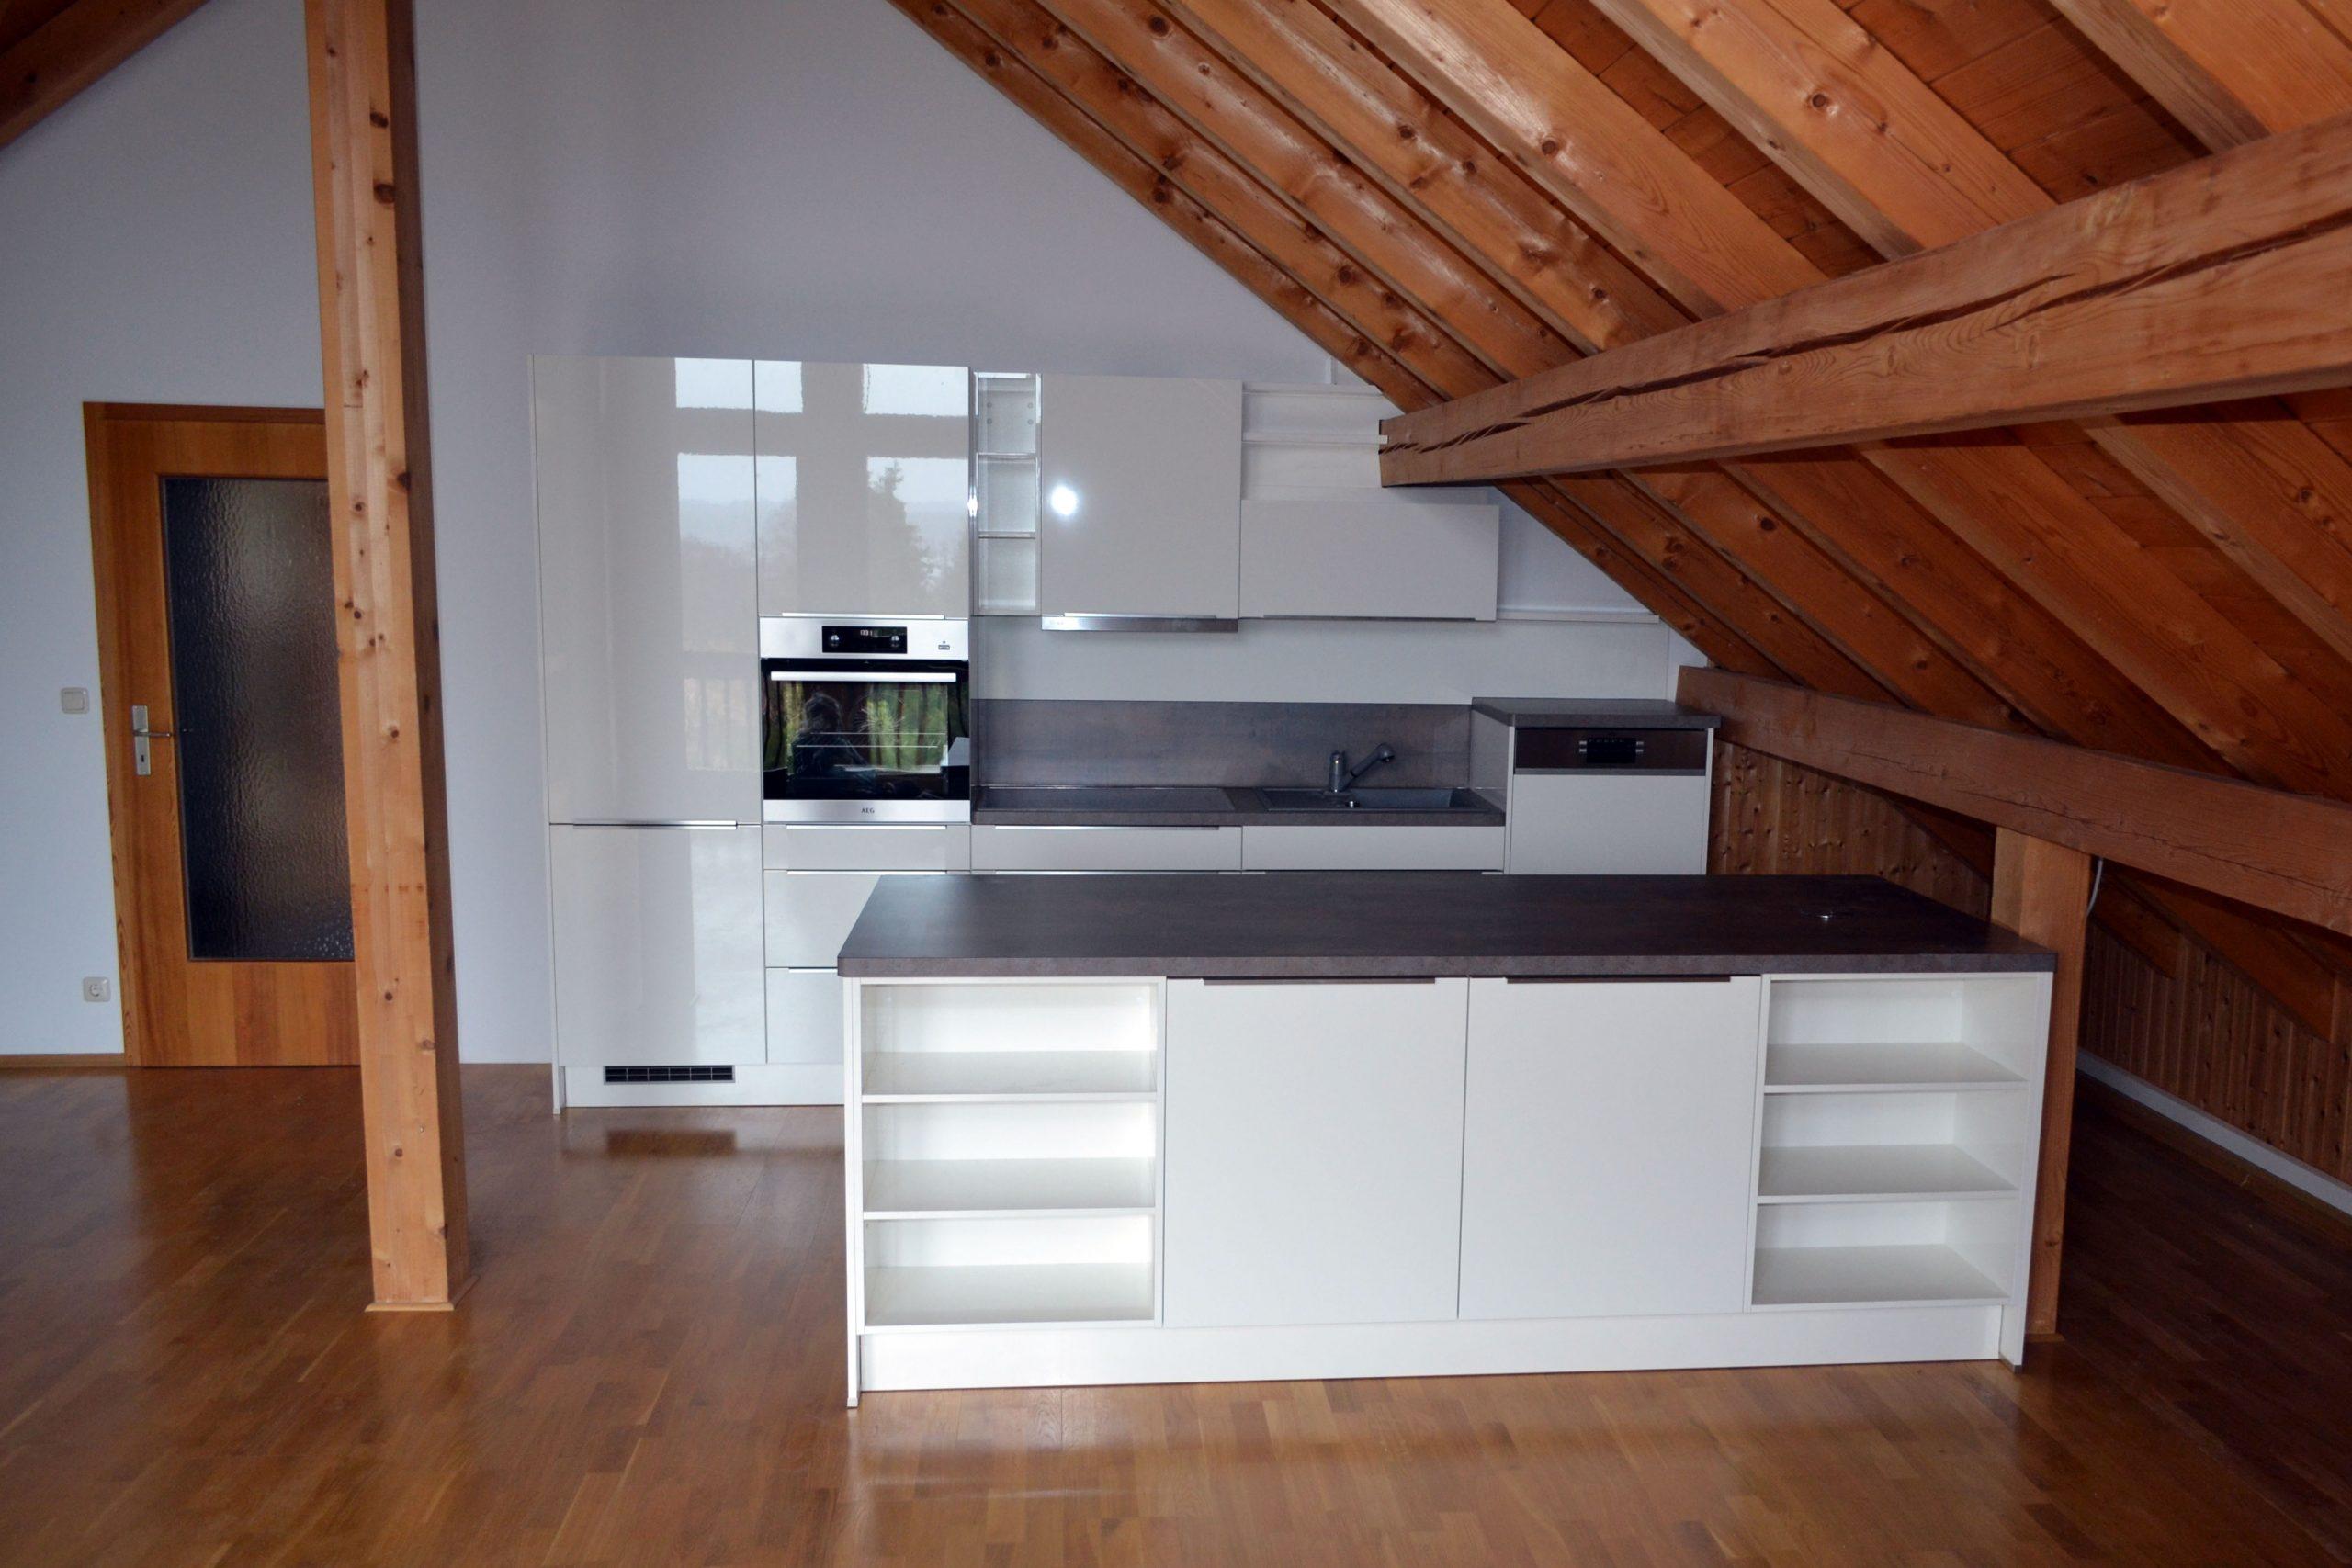 Full Size of Moderne Küche Hochglanz Schwarz Moderne Küche Playmobil Moderne Küche Stühle Moderne Fenstergestaltung Küche Küche Moderne Landhausküche